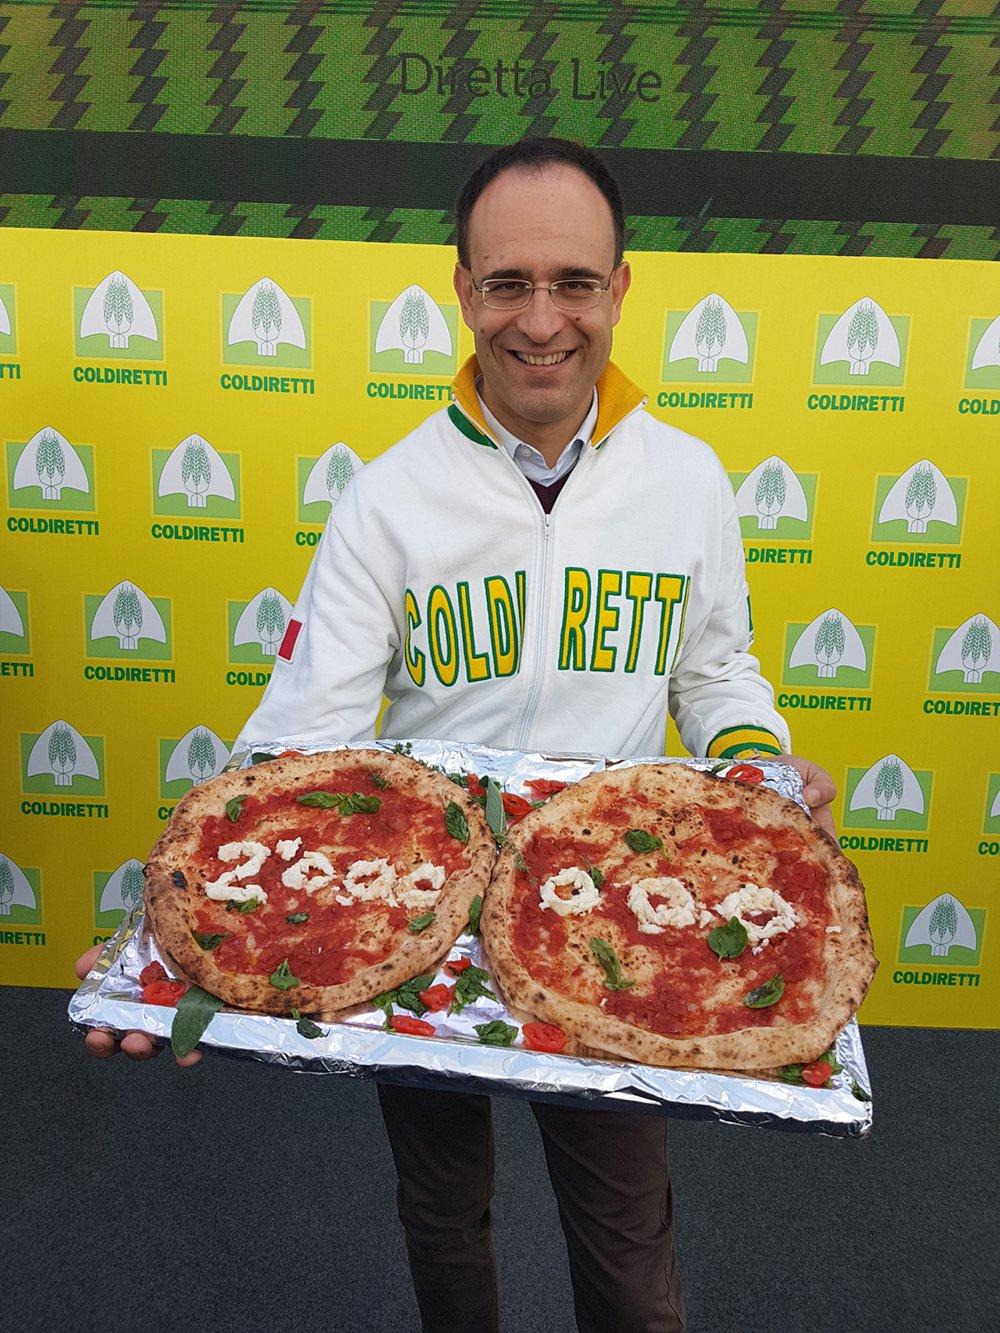 #PizzaUnesco Riconoscimento dell'Unesco per 'l'arte dei pizzaiuoli napoletani'